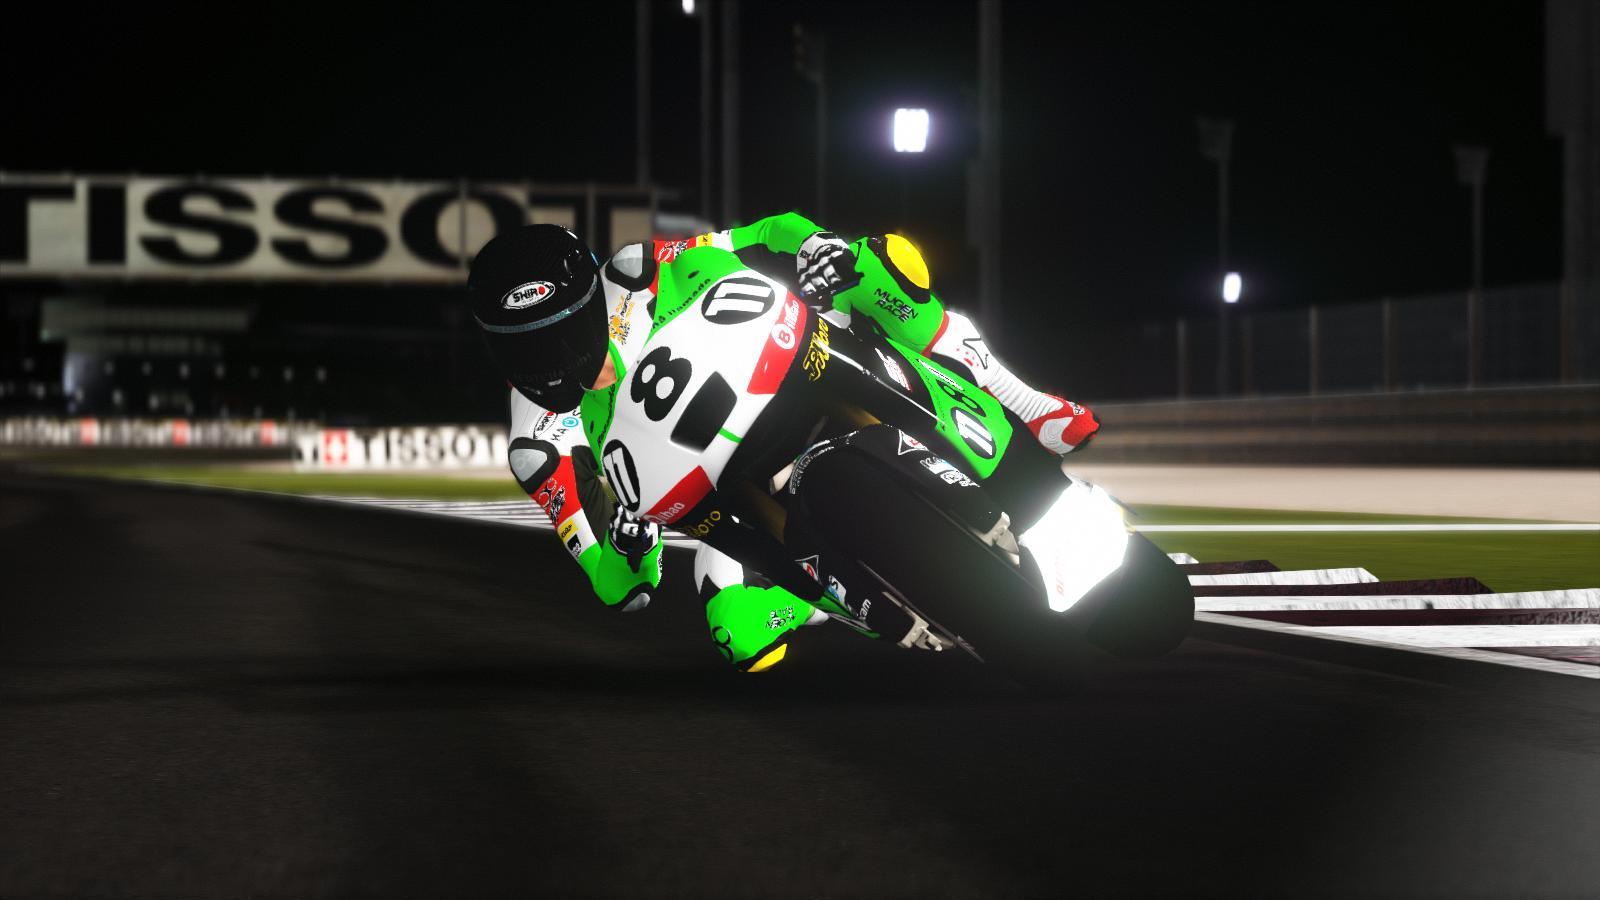 MotoGP15X64 2016-03-22 03-16-42-71.jpg